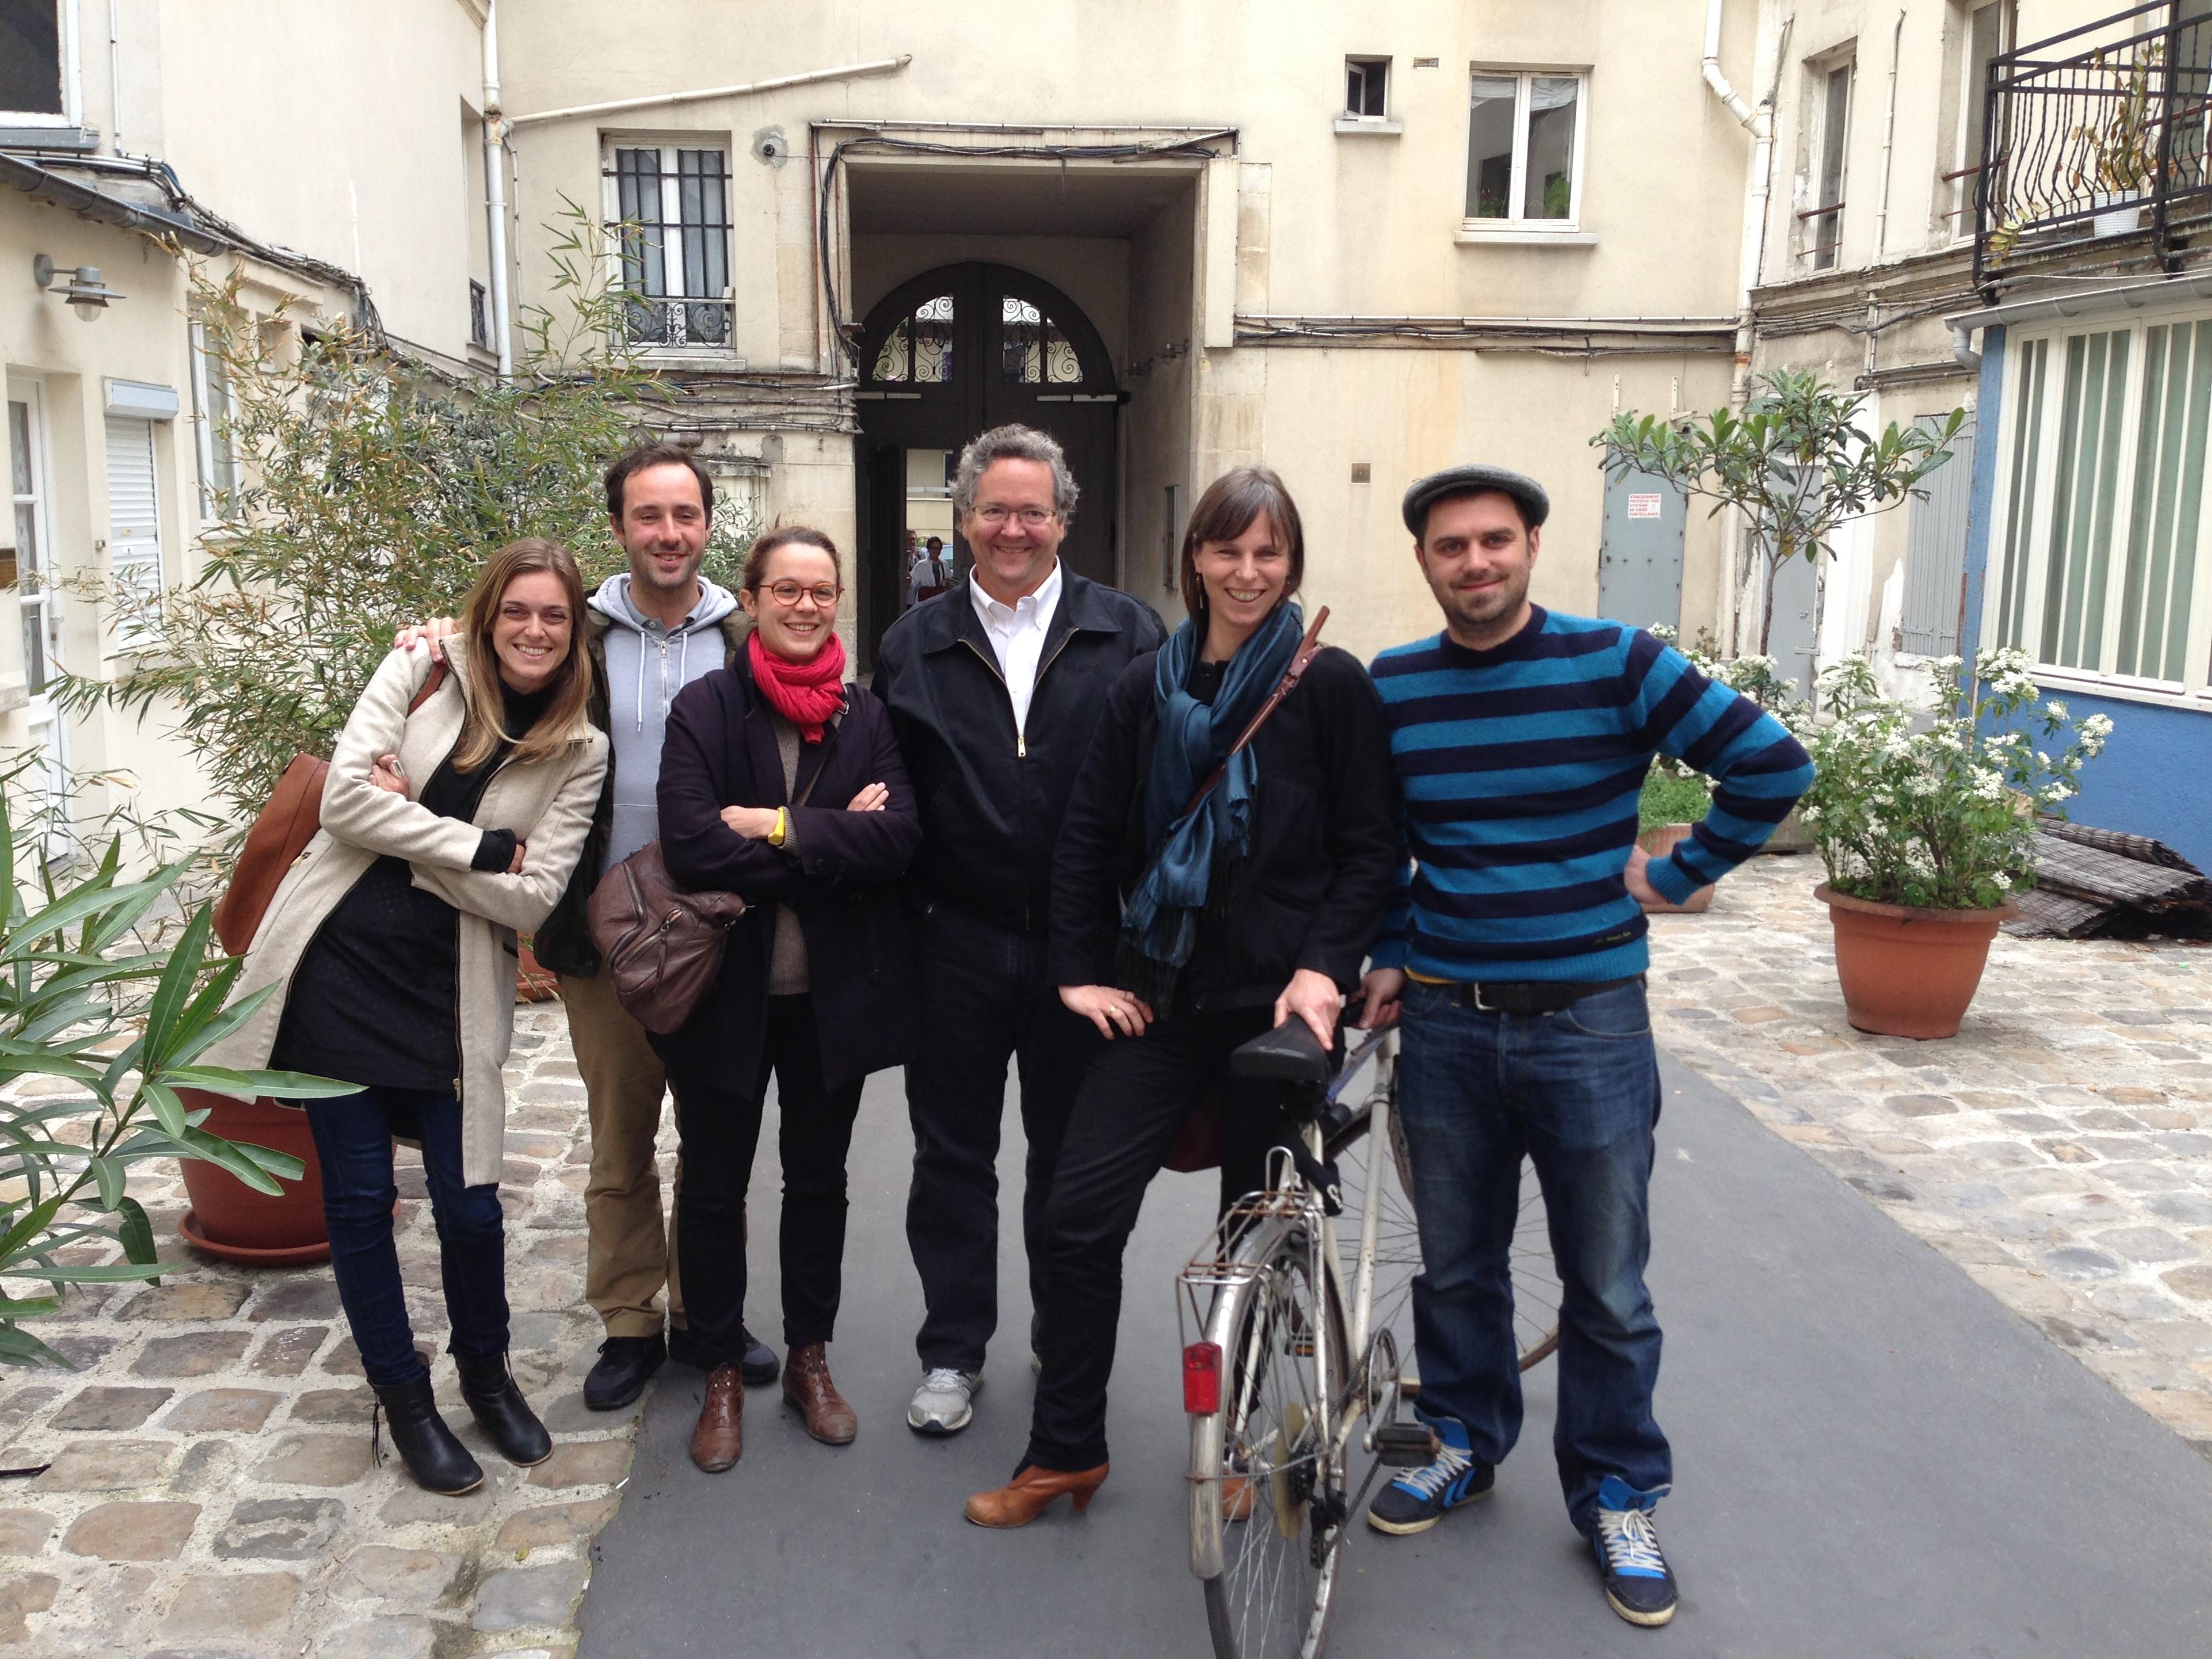 Héloïse, Fabrien, Camille, Dale, Véronique and Artur outside Le Petit Fab Lab in Paris